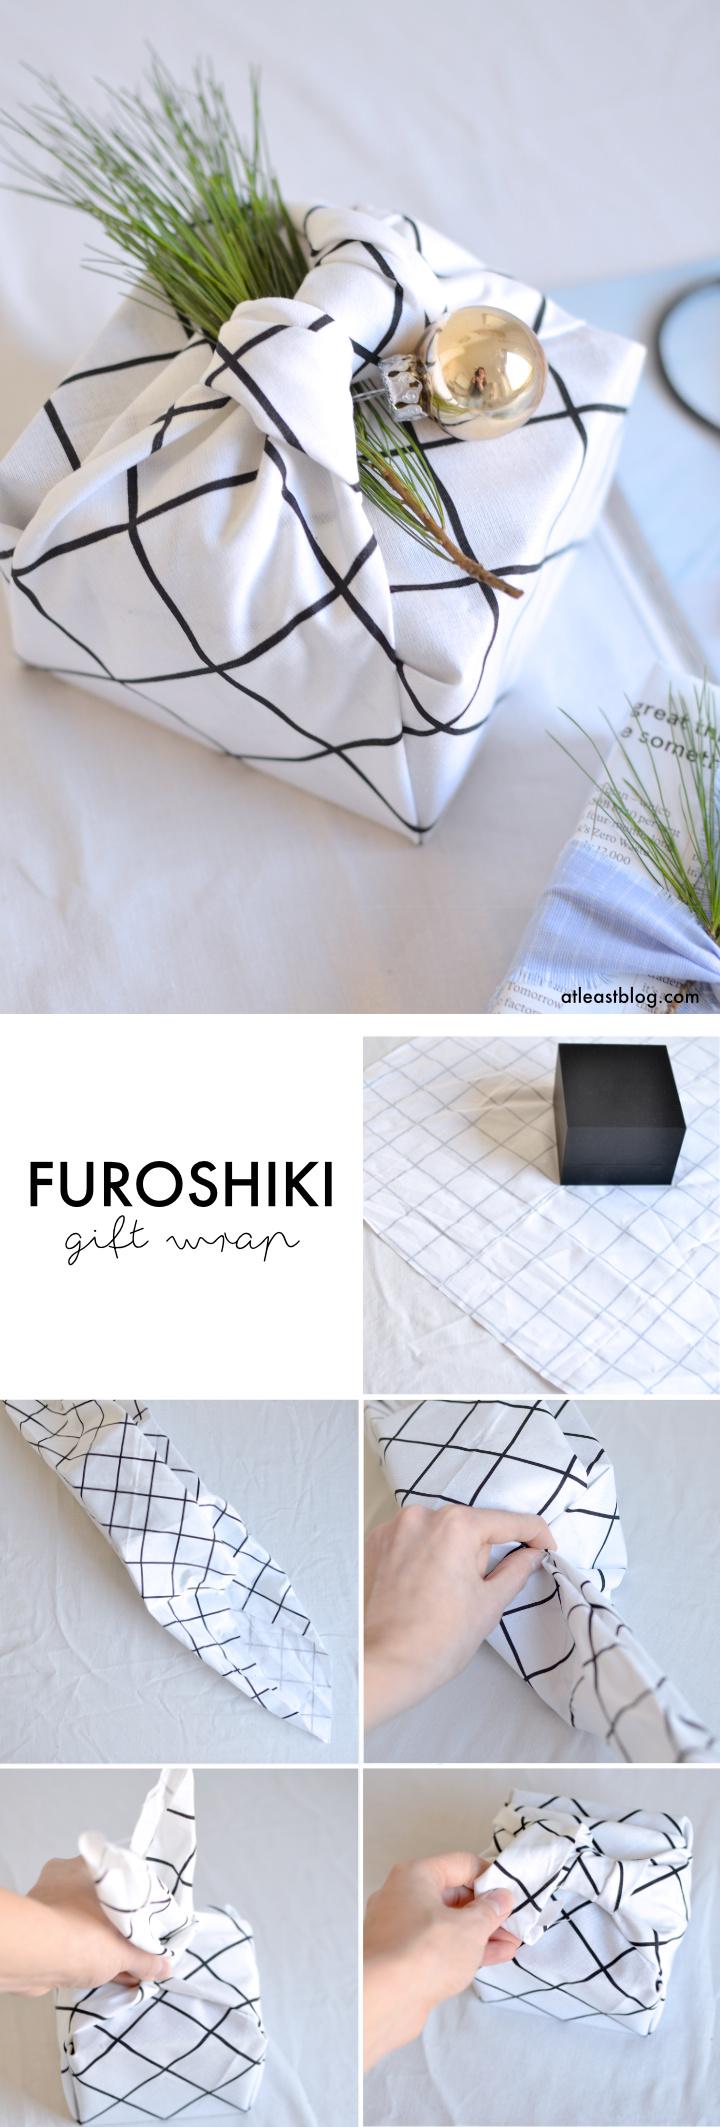 furoshiki-geschenkverpackung-gift-wrap